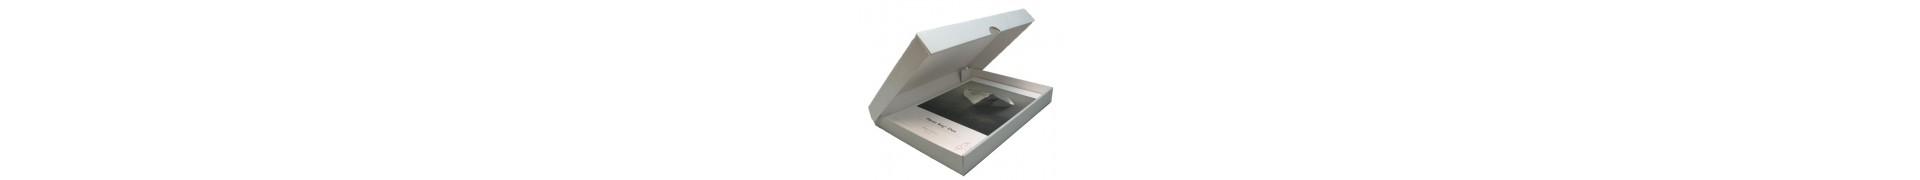 Boite rangement HAHNEMUHLE - Portefolio pour archivage  - Format: A3+ - 3 mm